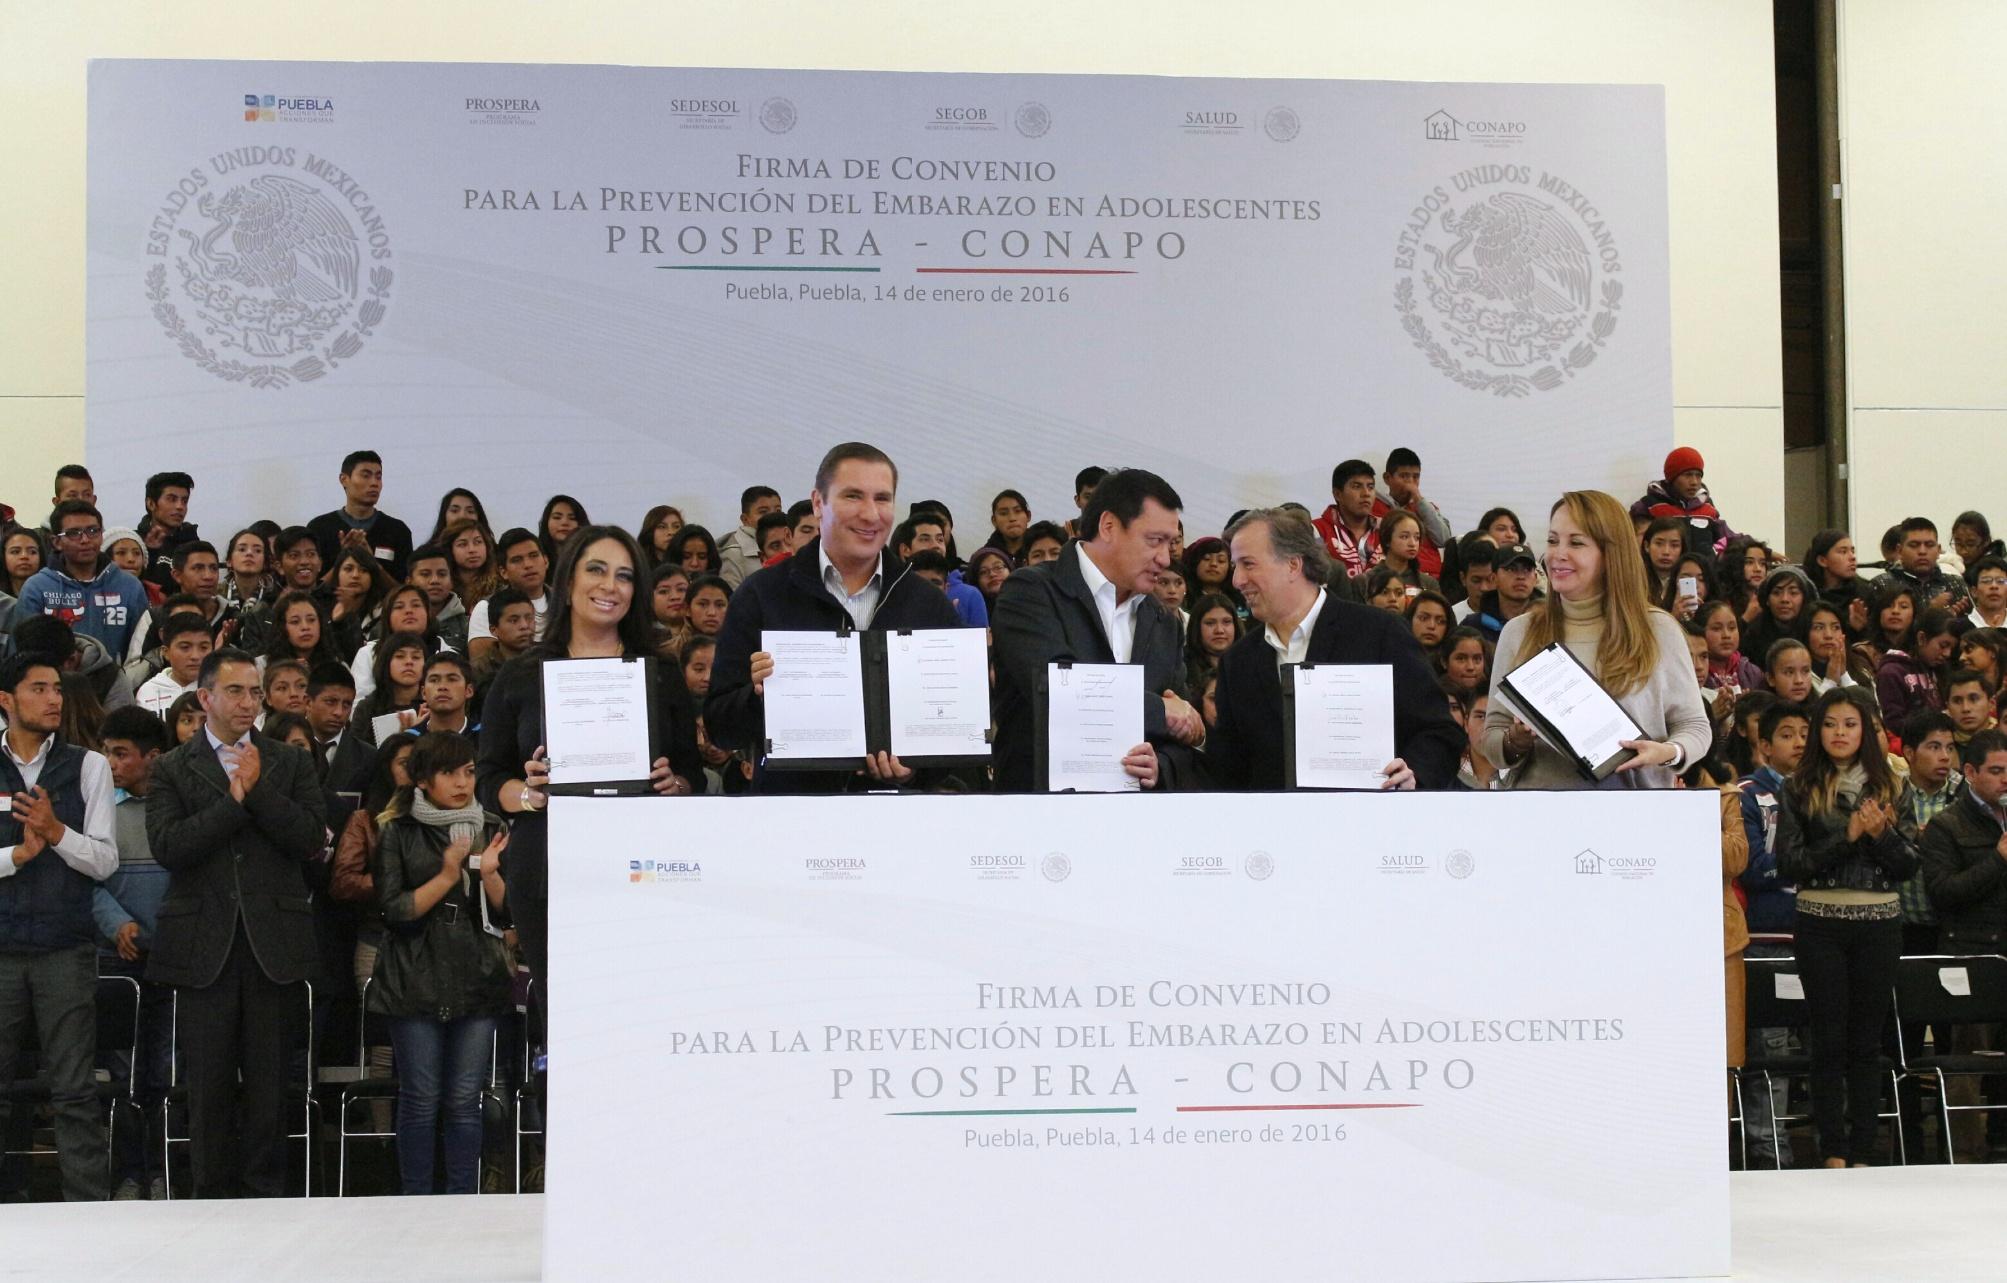 FOTO 3 Los titulares de Segob y Sedesol firmaron Convenio de Colaboraci n para la Prevenci n del Embarazo en Adolescentes Prospera CONAPOjpg